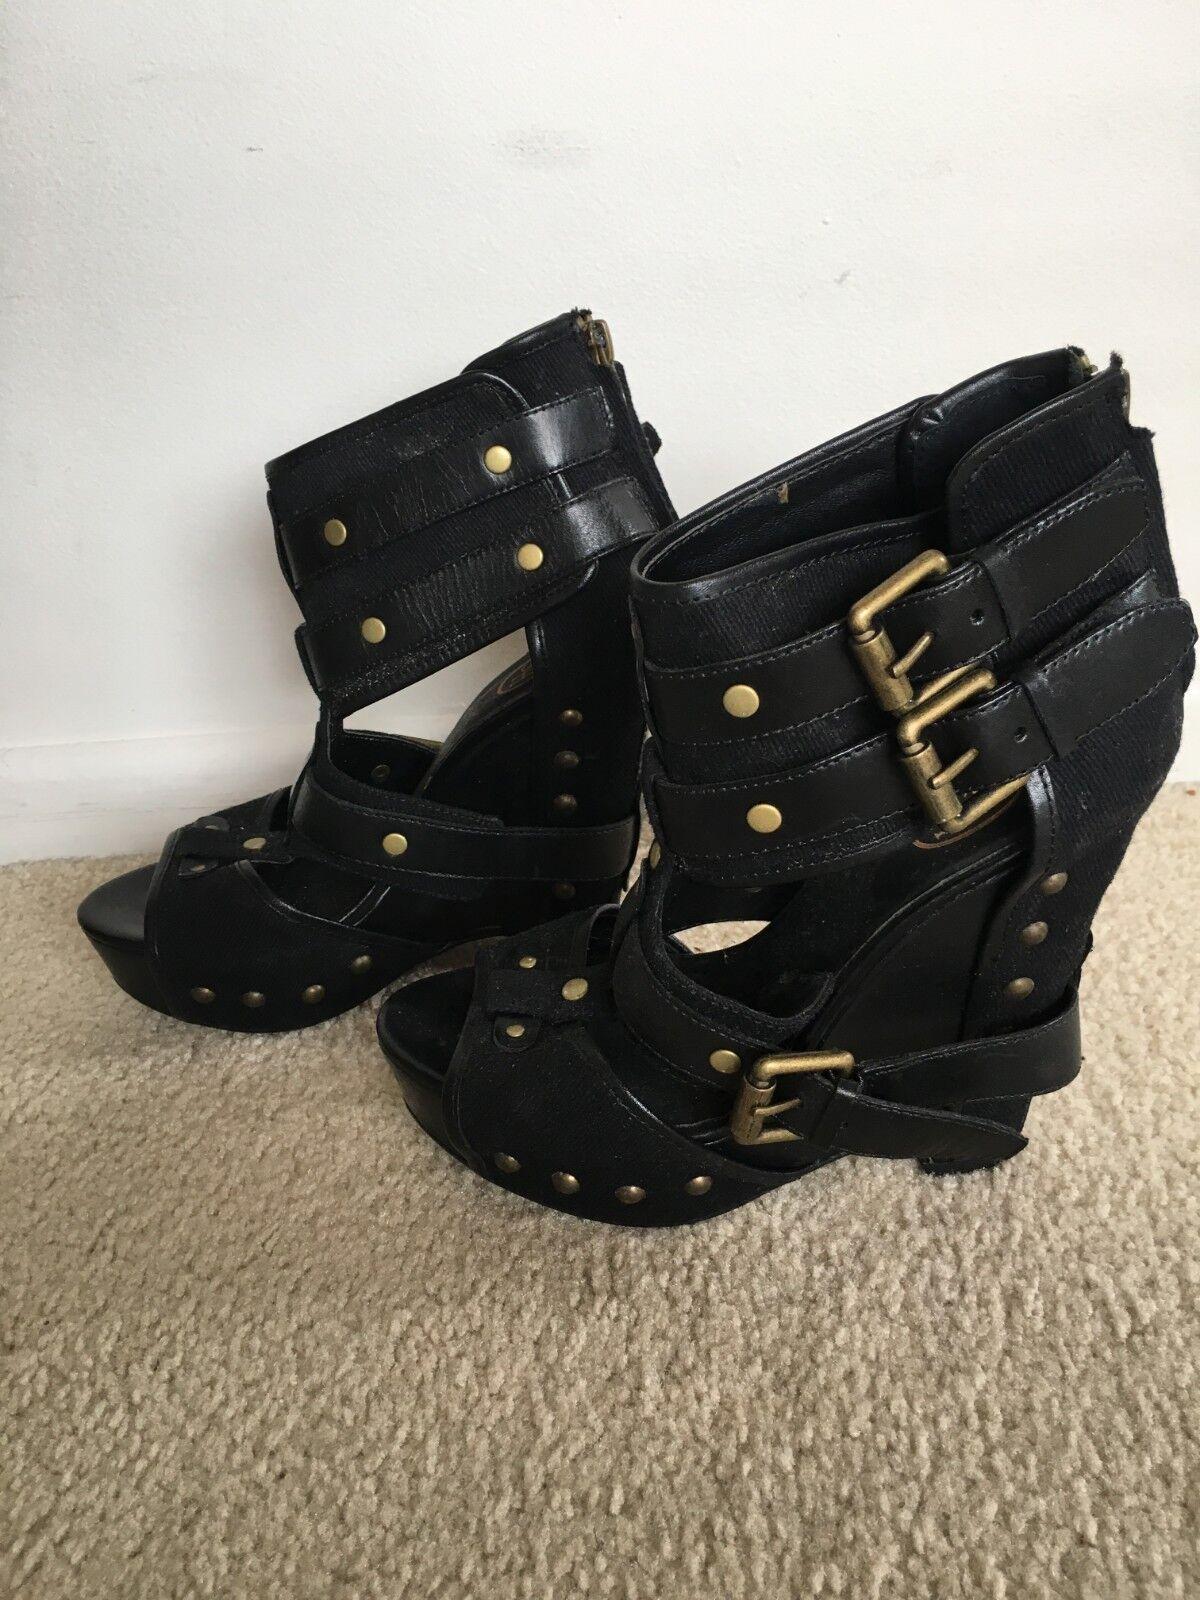 ASH nero ANKLE CUFF HEEL Dimensione 37 scarpe STUDDED FASHION BOHO donna scarpe PARTY